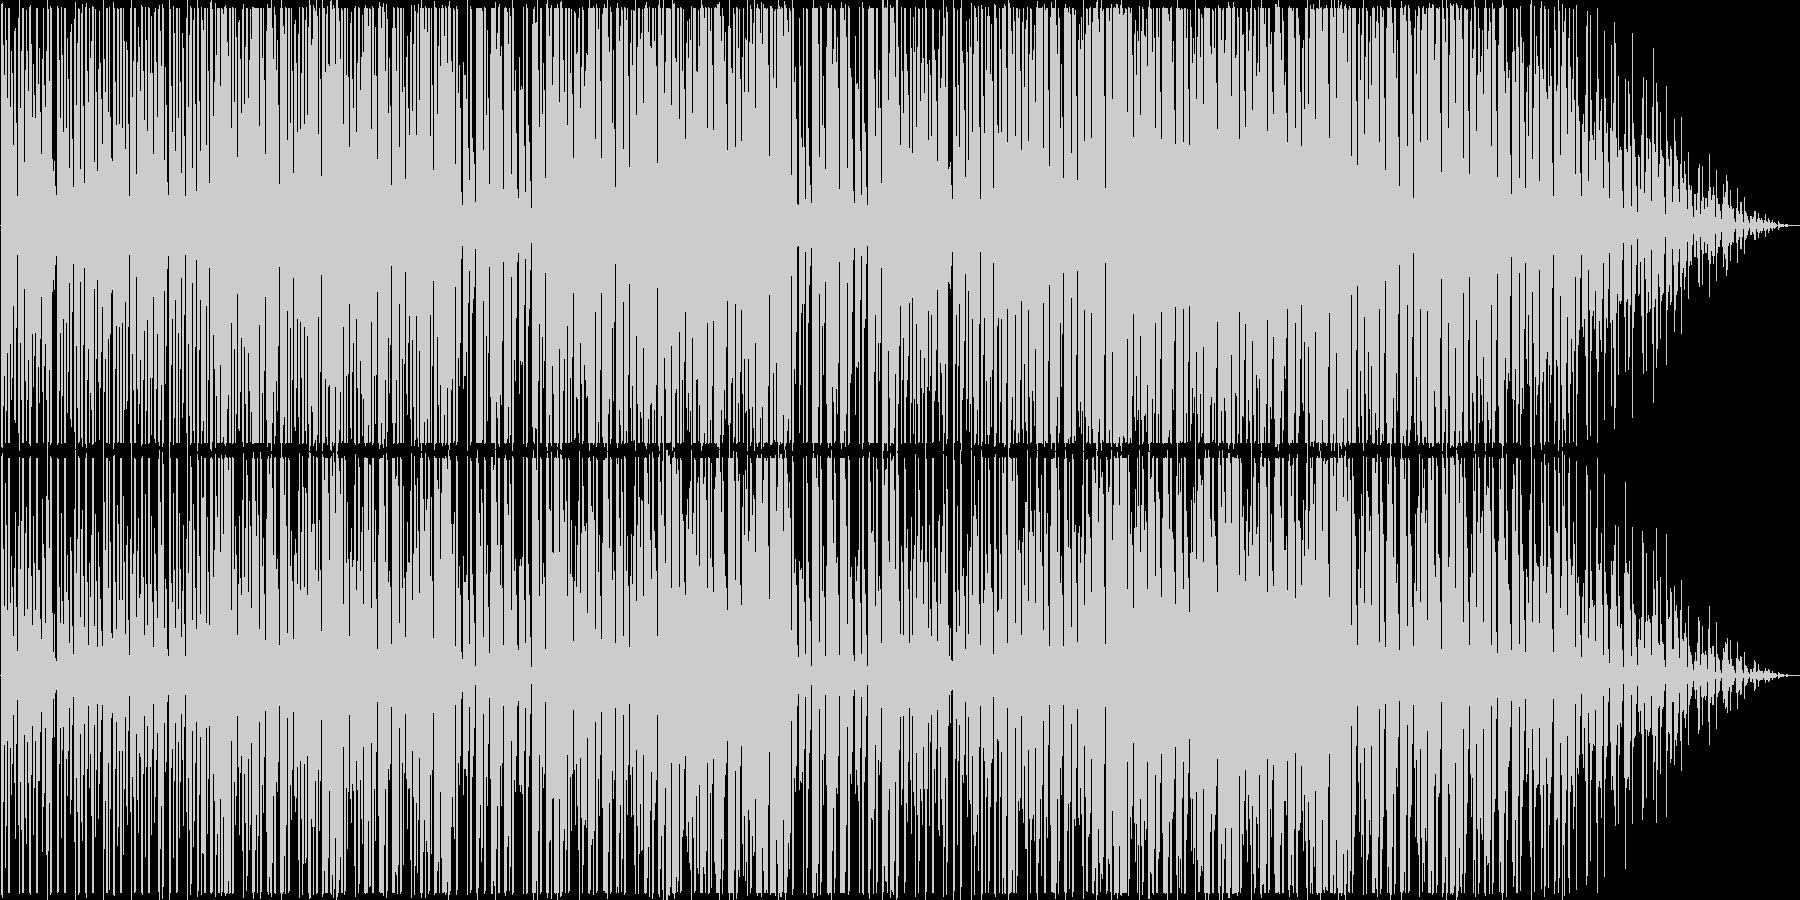 可愛らしくゆったりとしたデジタルポップの未再生の波形